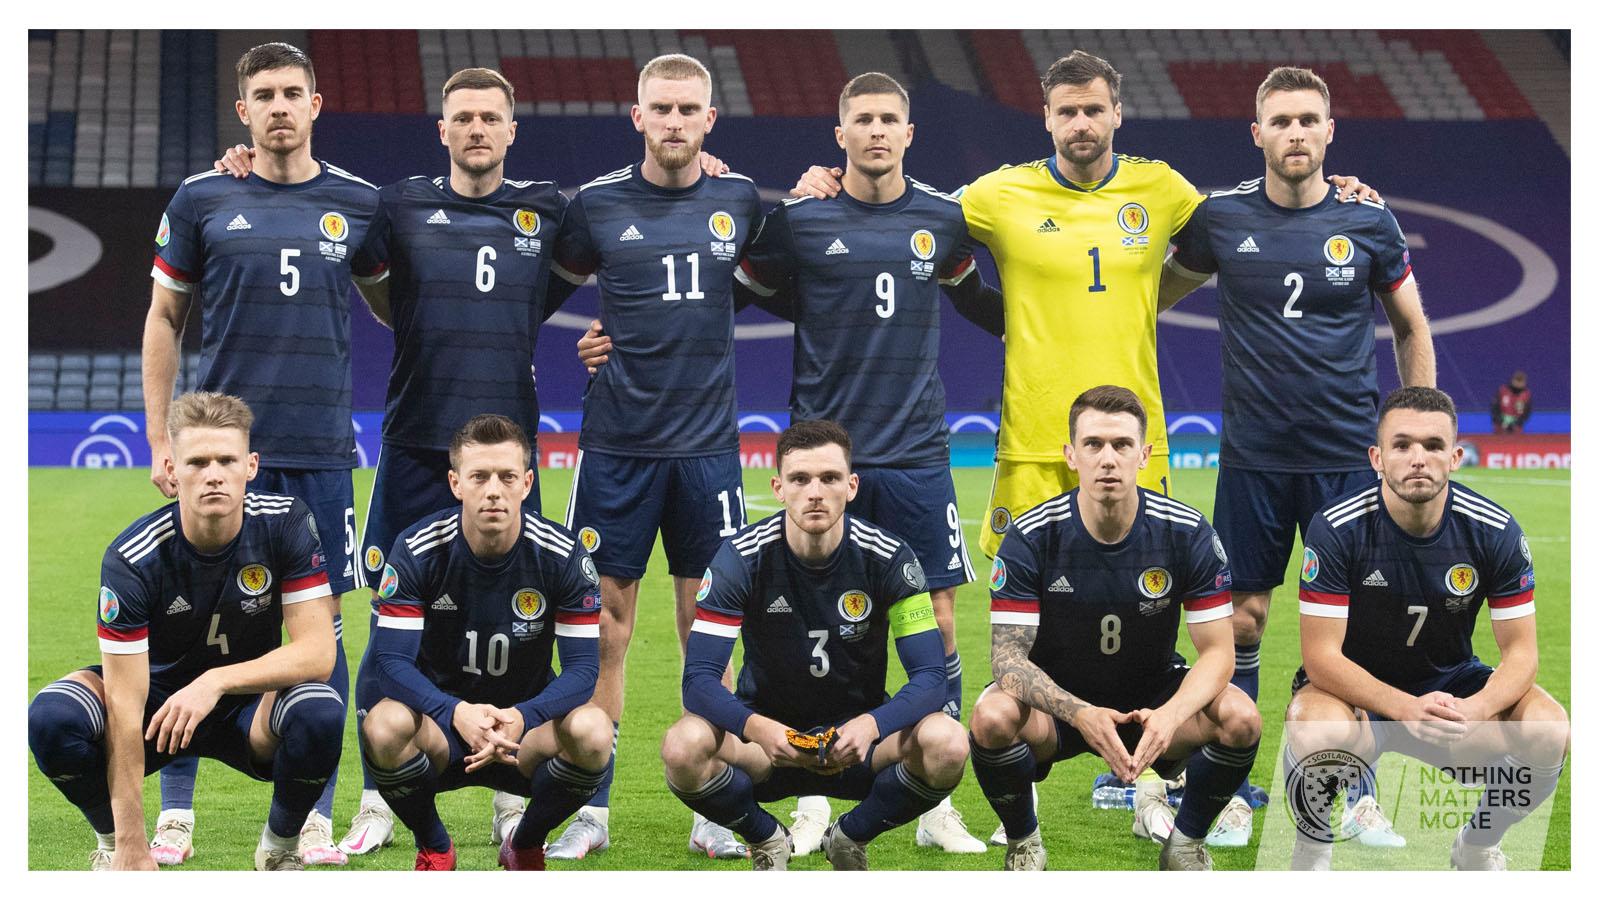 Mannschaftsfoto für Scotland